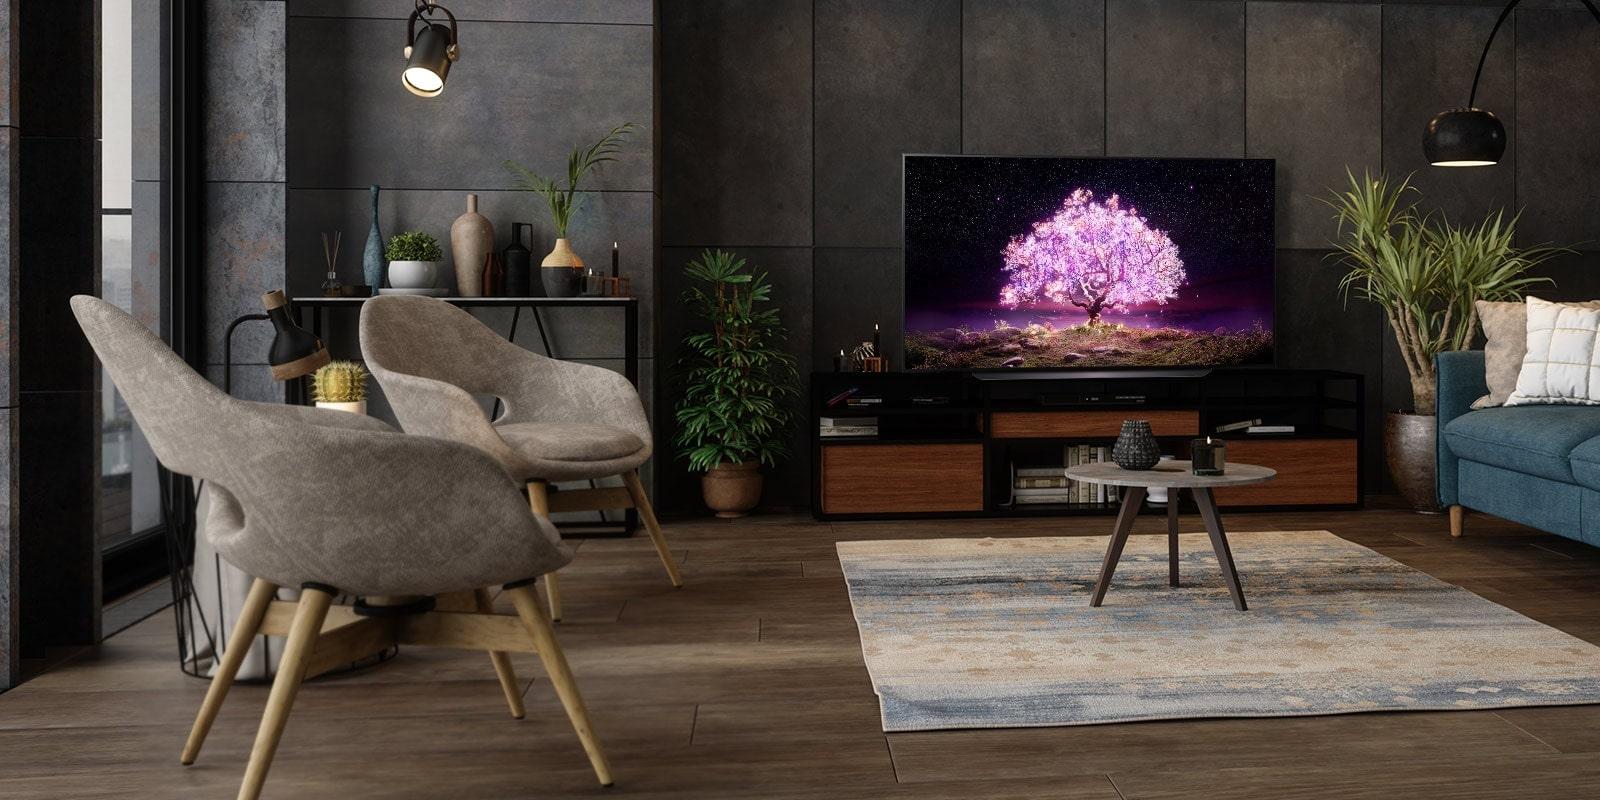 TV yang menayangkan pohon yang memancarkan cahaya ungu dalam suasana rumah mewah